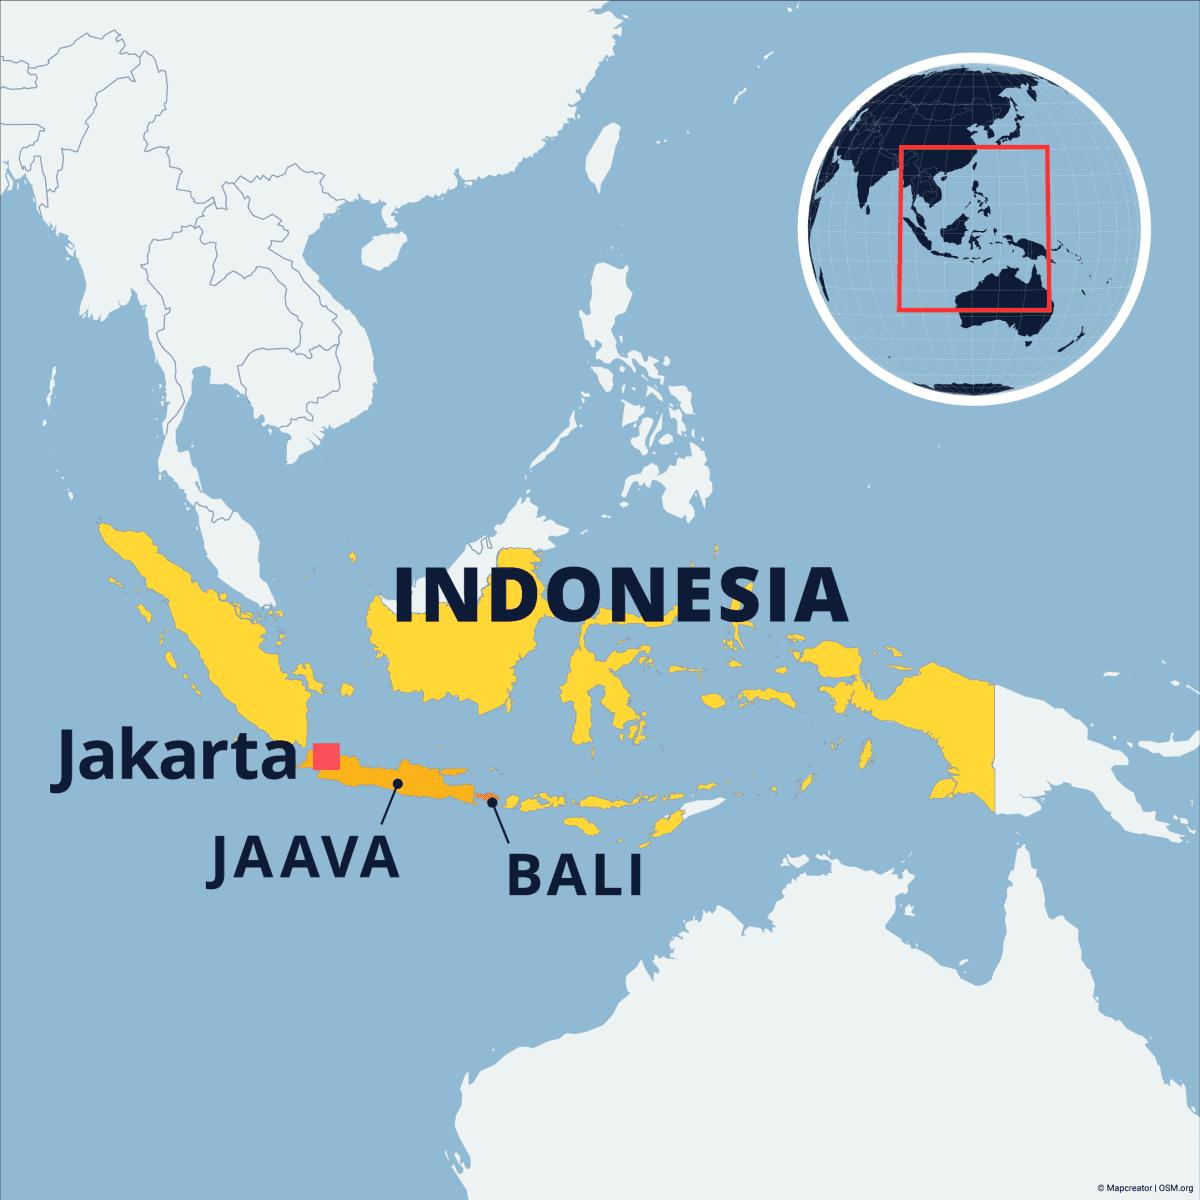 Kaakkois-Aasiassa sijaitsevan Indonesian kartta, johon on merkitty pääkaupunki Jakarta sekä saaret Jaava ja Bali.